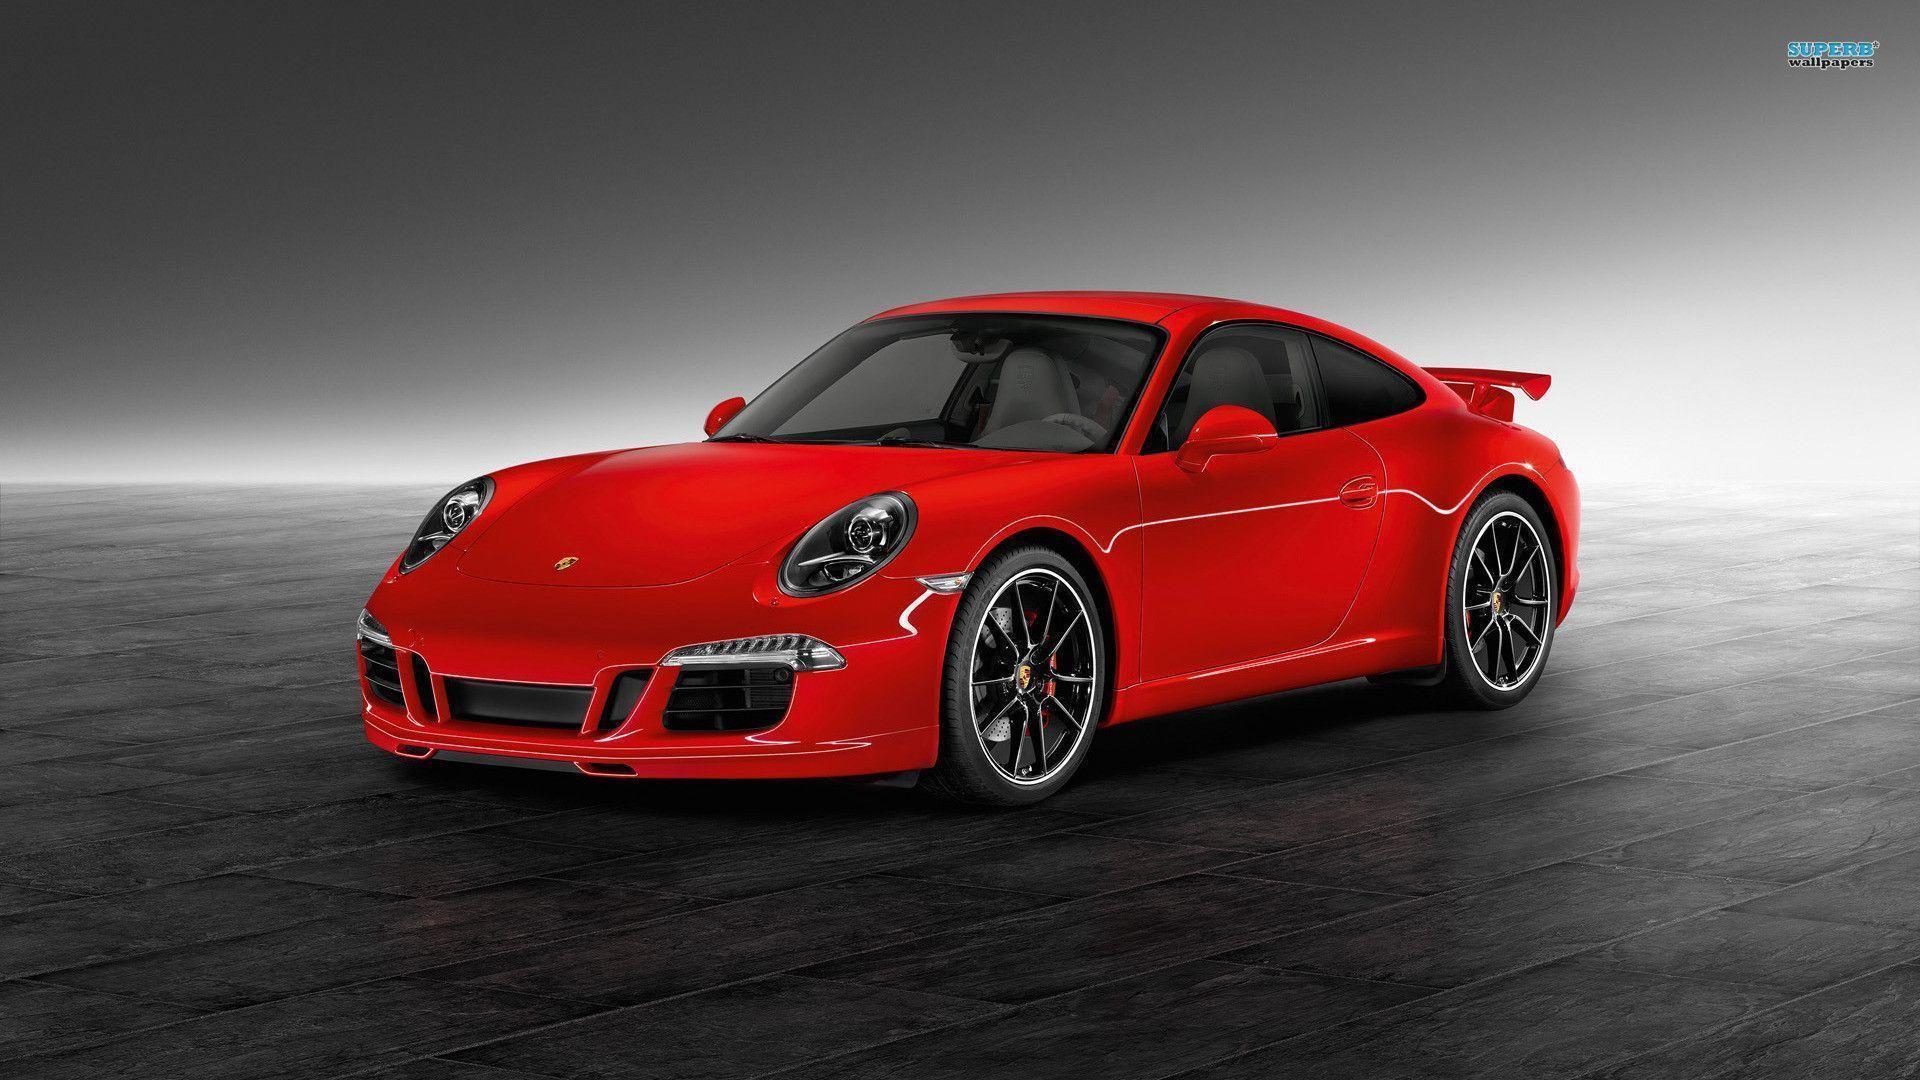 Porsche 911 Wallpapers 1920x1080